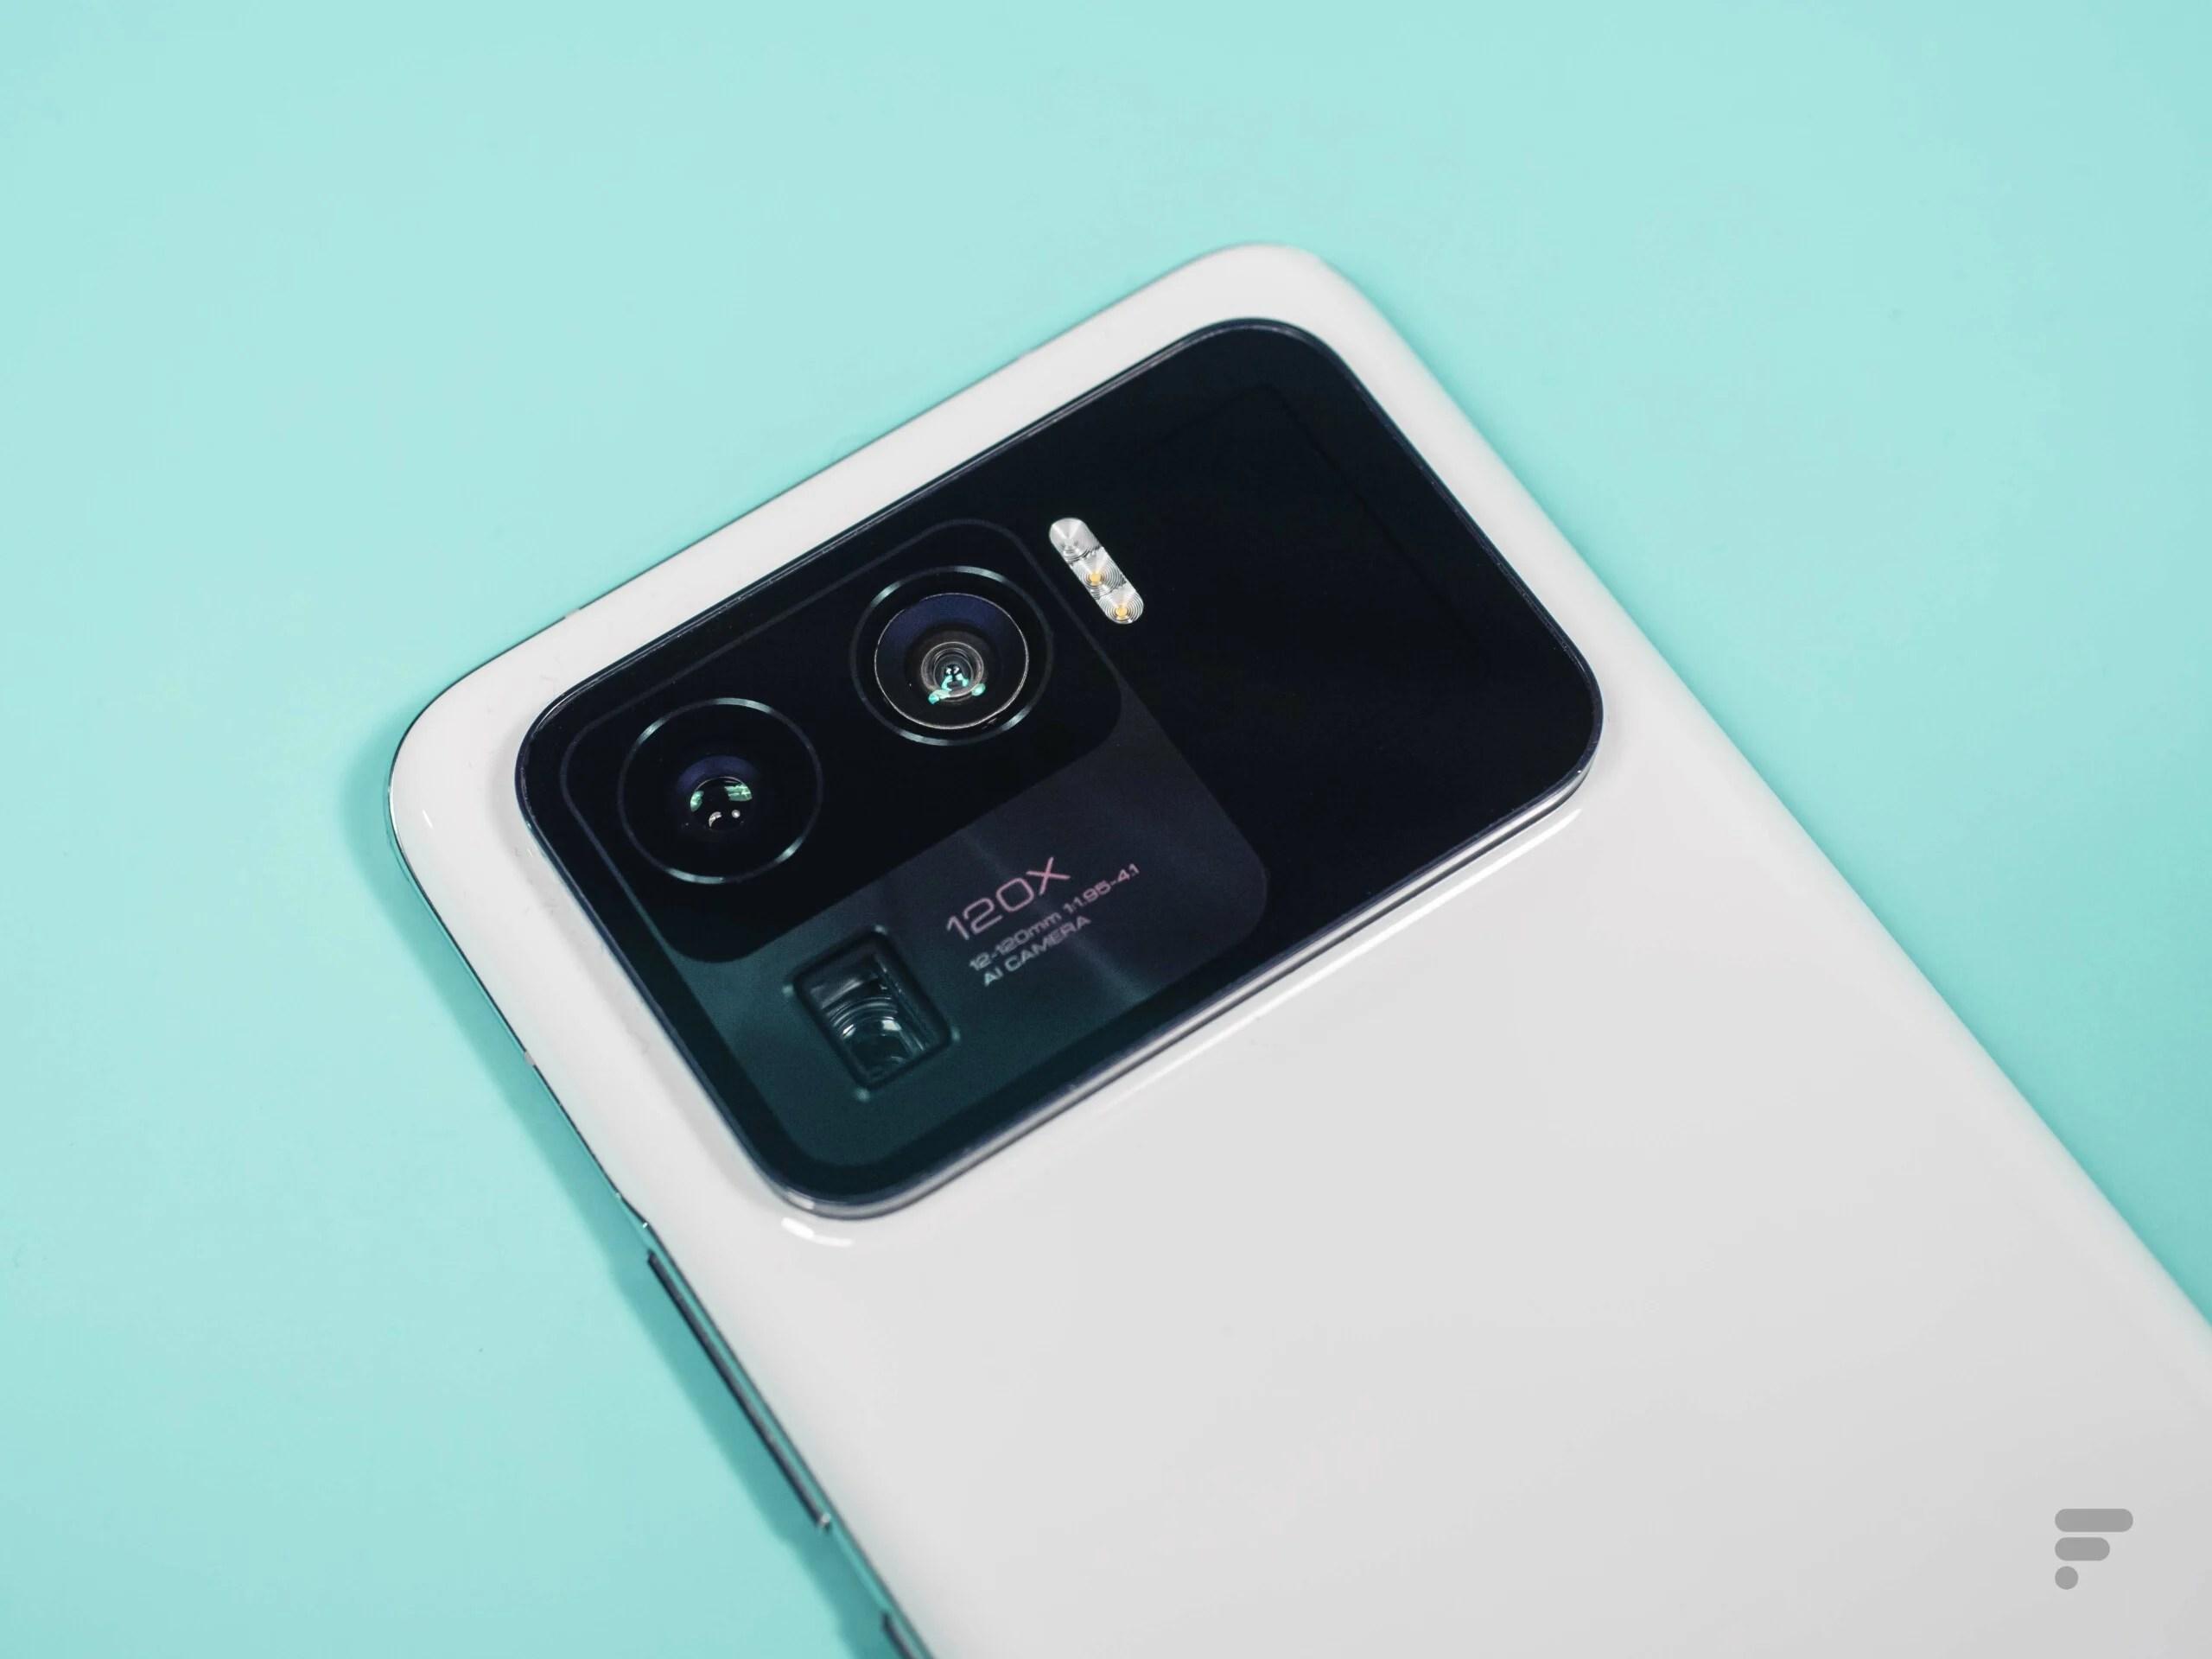 Les 3 meilleurs smartphones récents de juin 2021 sur Frandroid